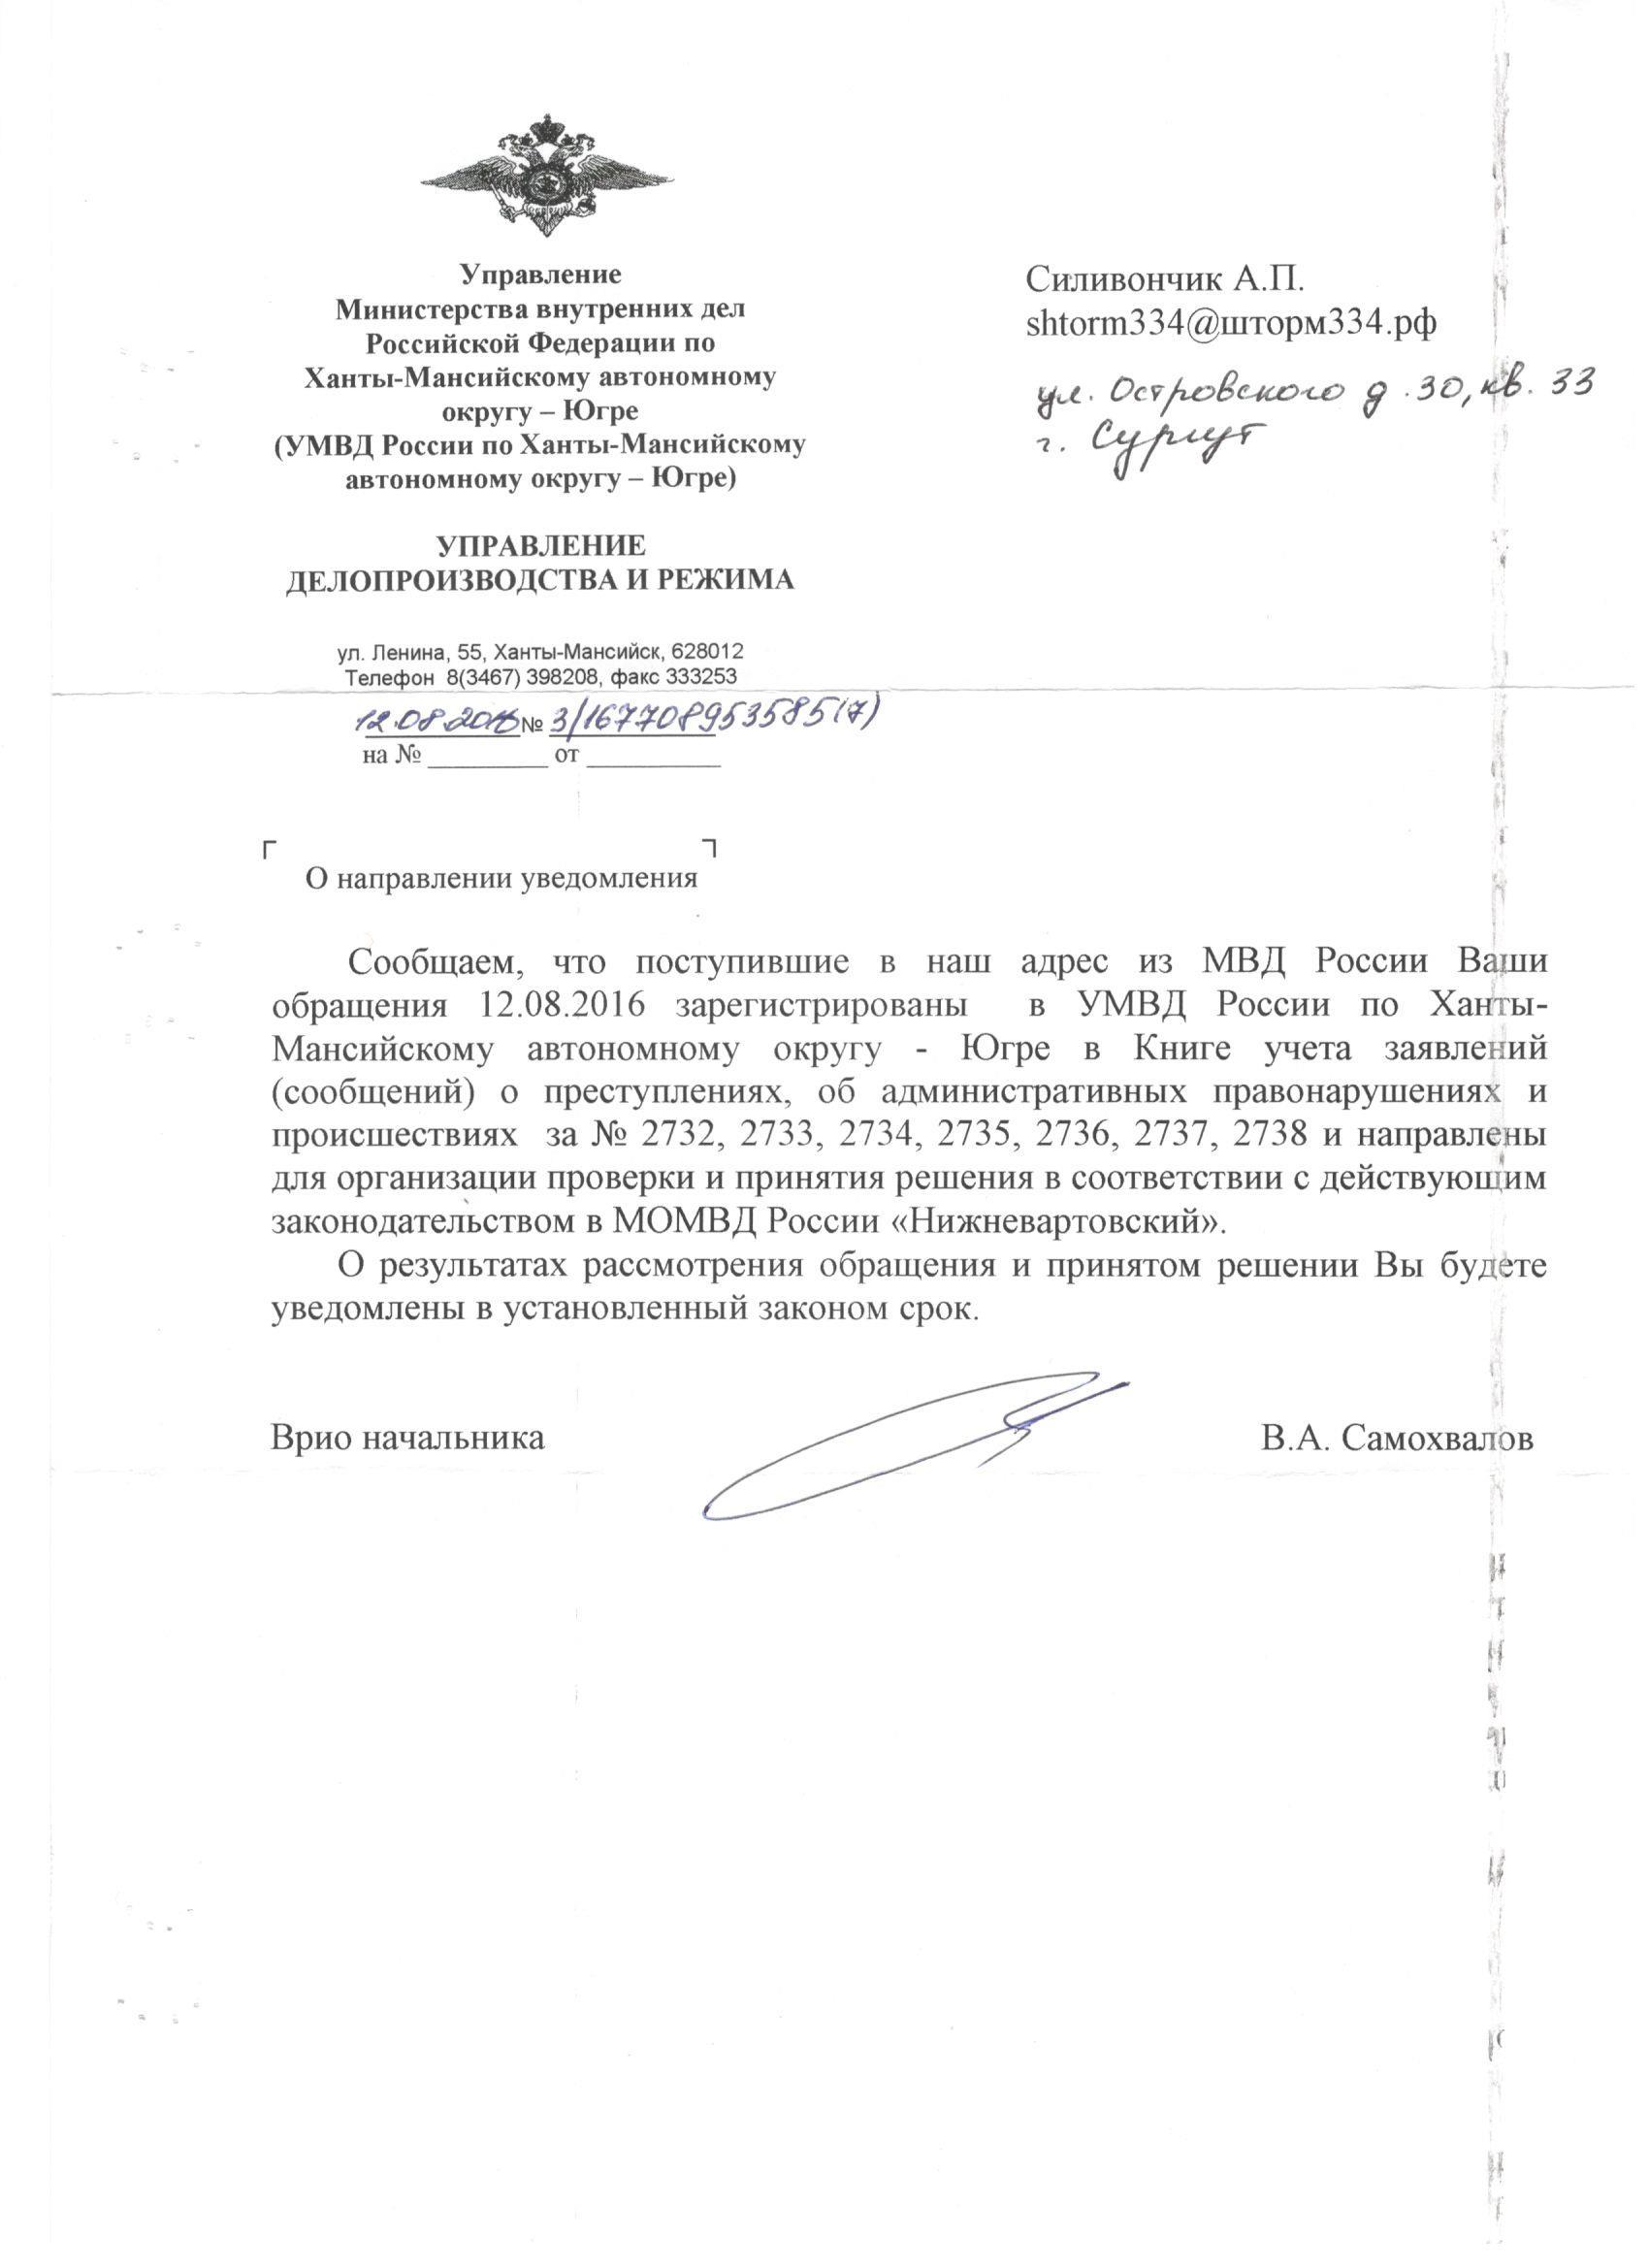 Уведомление от 12.08.2016 об обращениях в МВД РФ_1